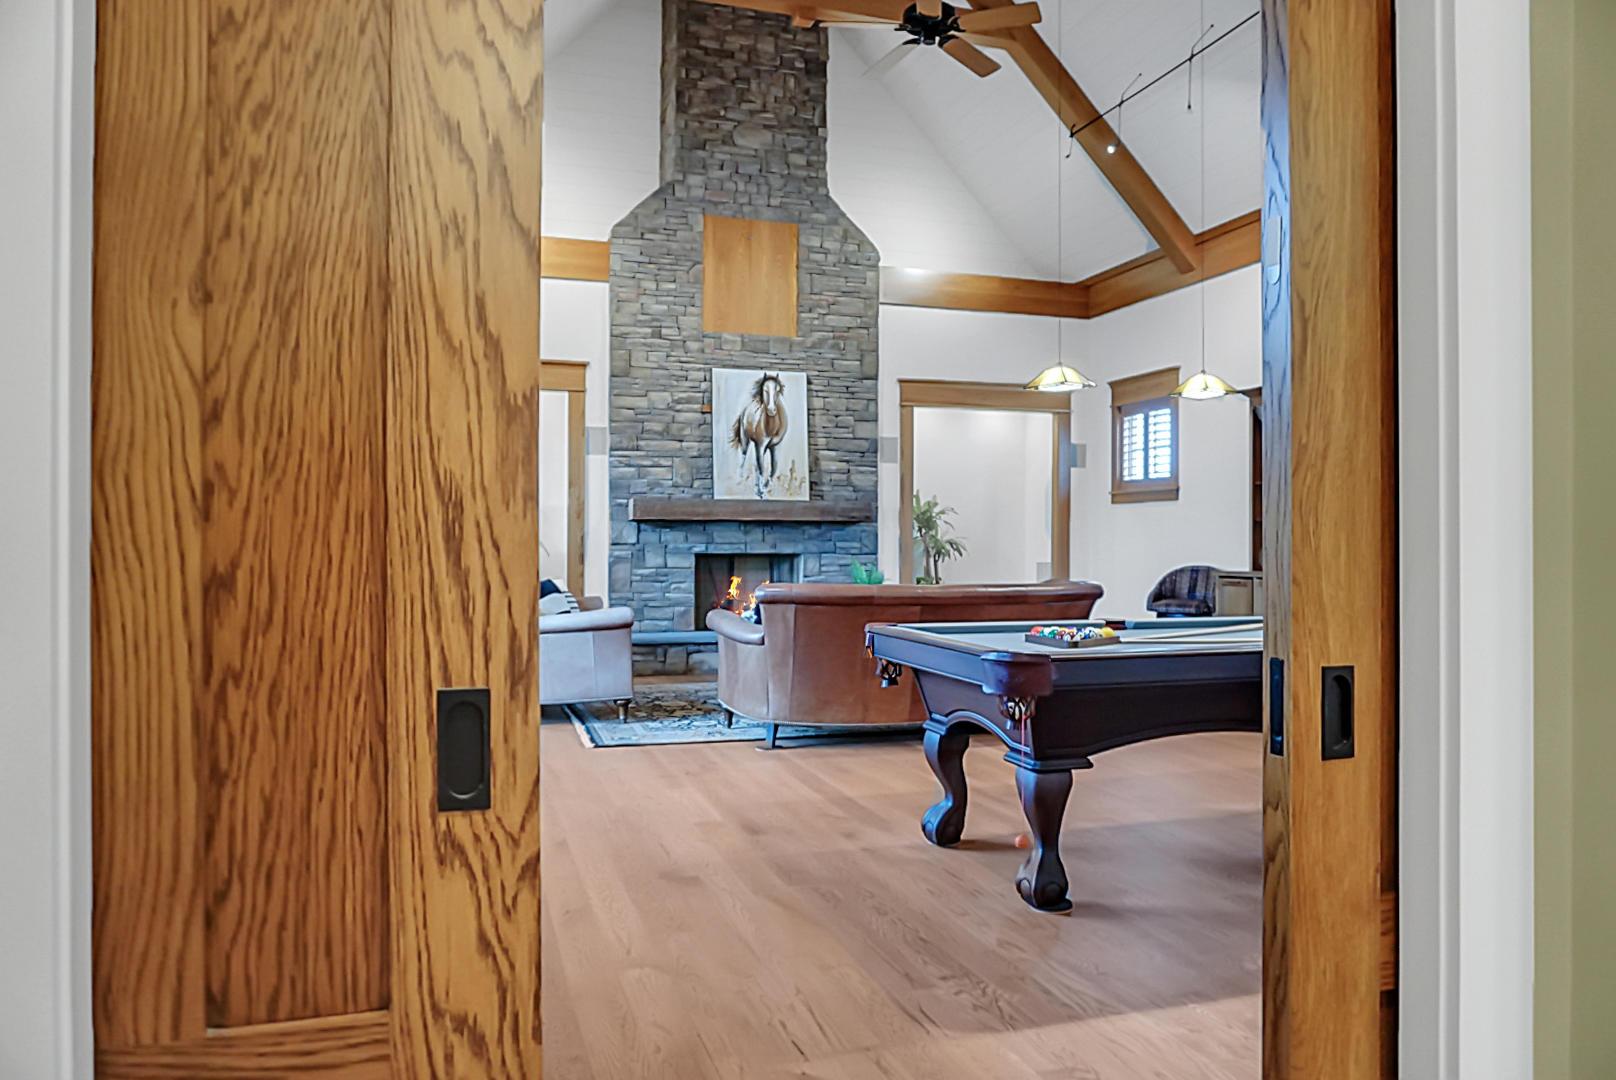 Dunes West Homes For Sale - 2978 River Vista, Mount Pleasant, SC - 46